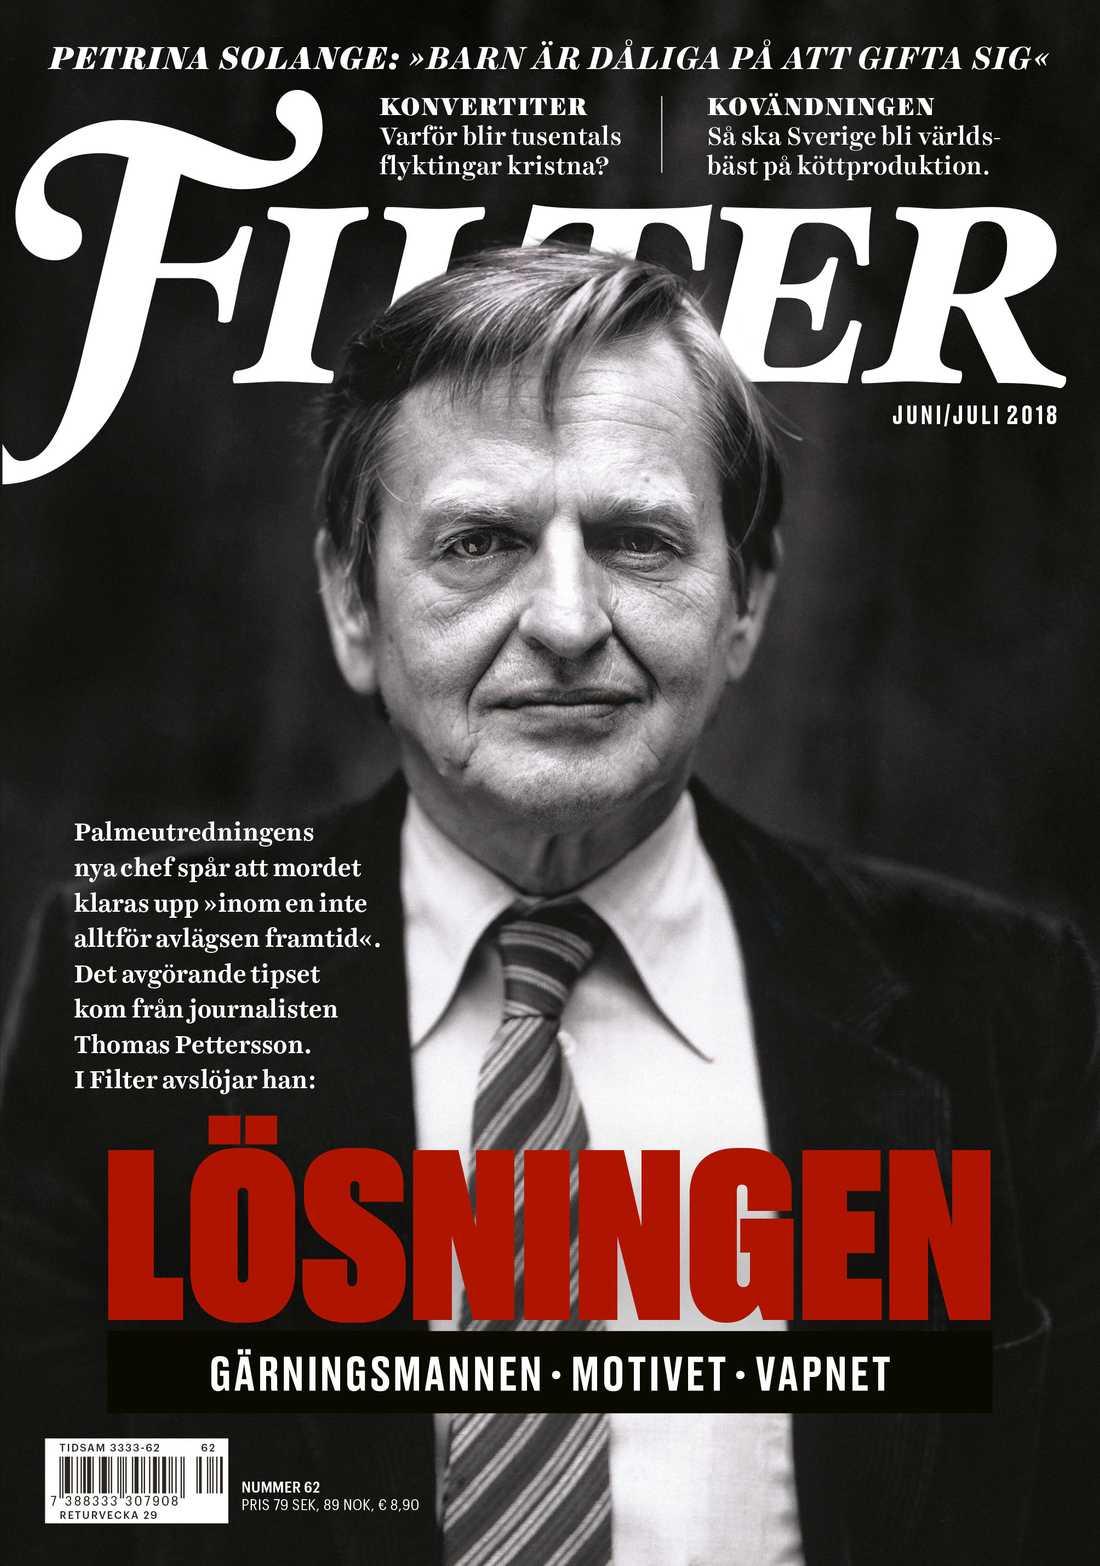 I det senaste numret av magasinet Filter pekas Skandiamannen ut som möjlig Palmemödare.